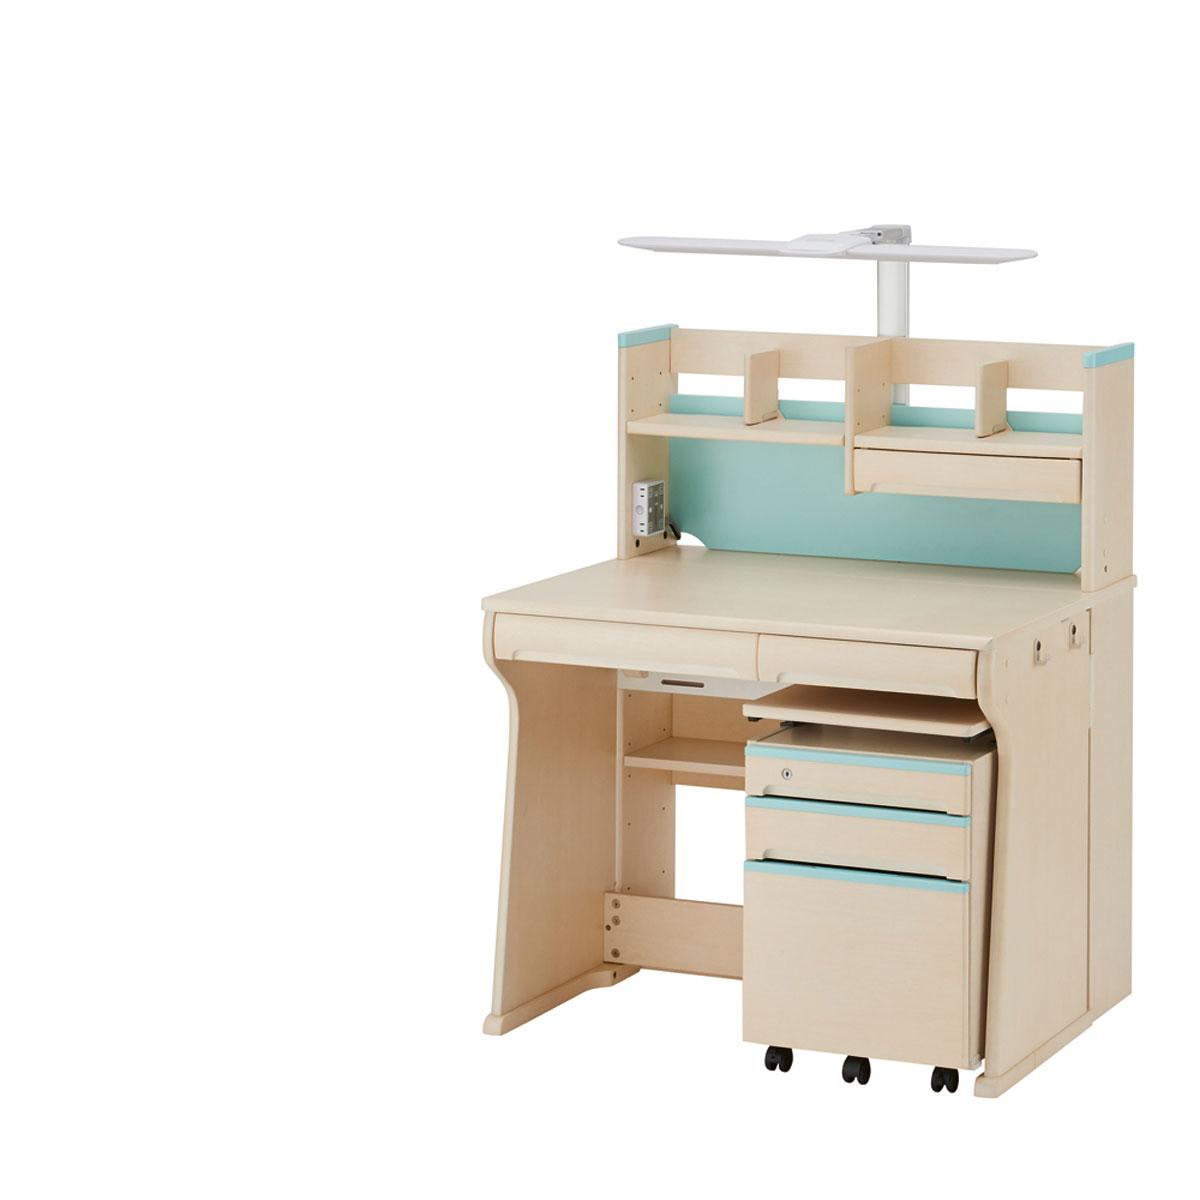 イトーキ ジョイカラーネオ 組みかえ型デスク 幅95×奥行75.5・88.5×高さ118cm アイスブルー HU-F02CB-L51ES